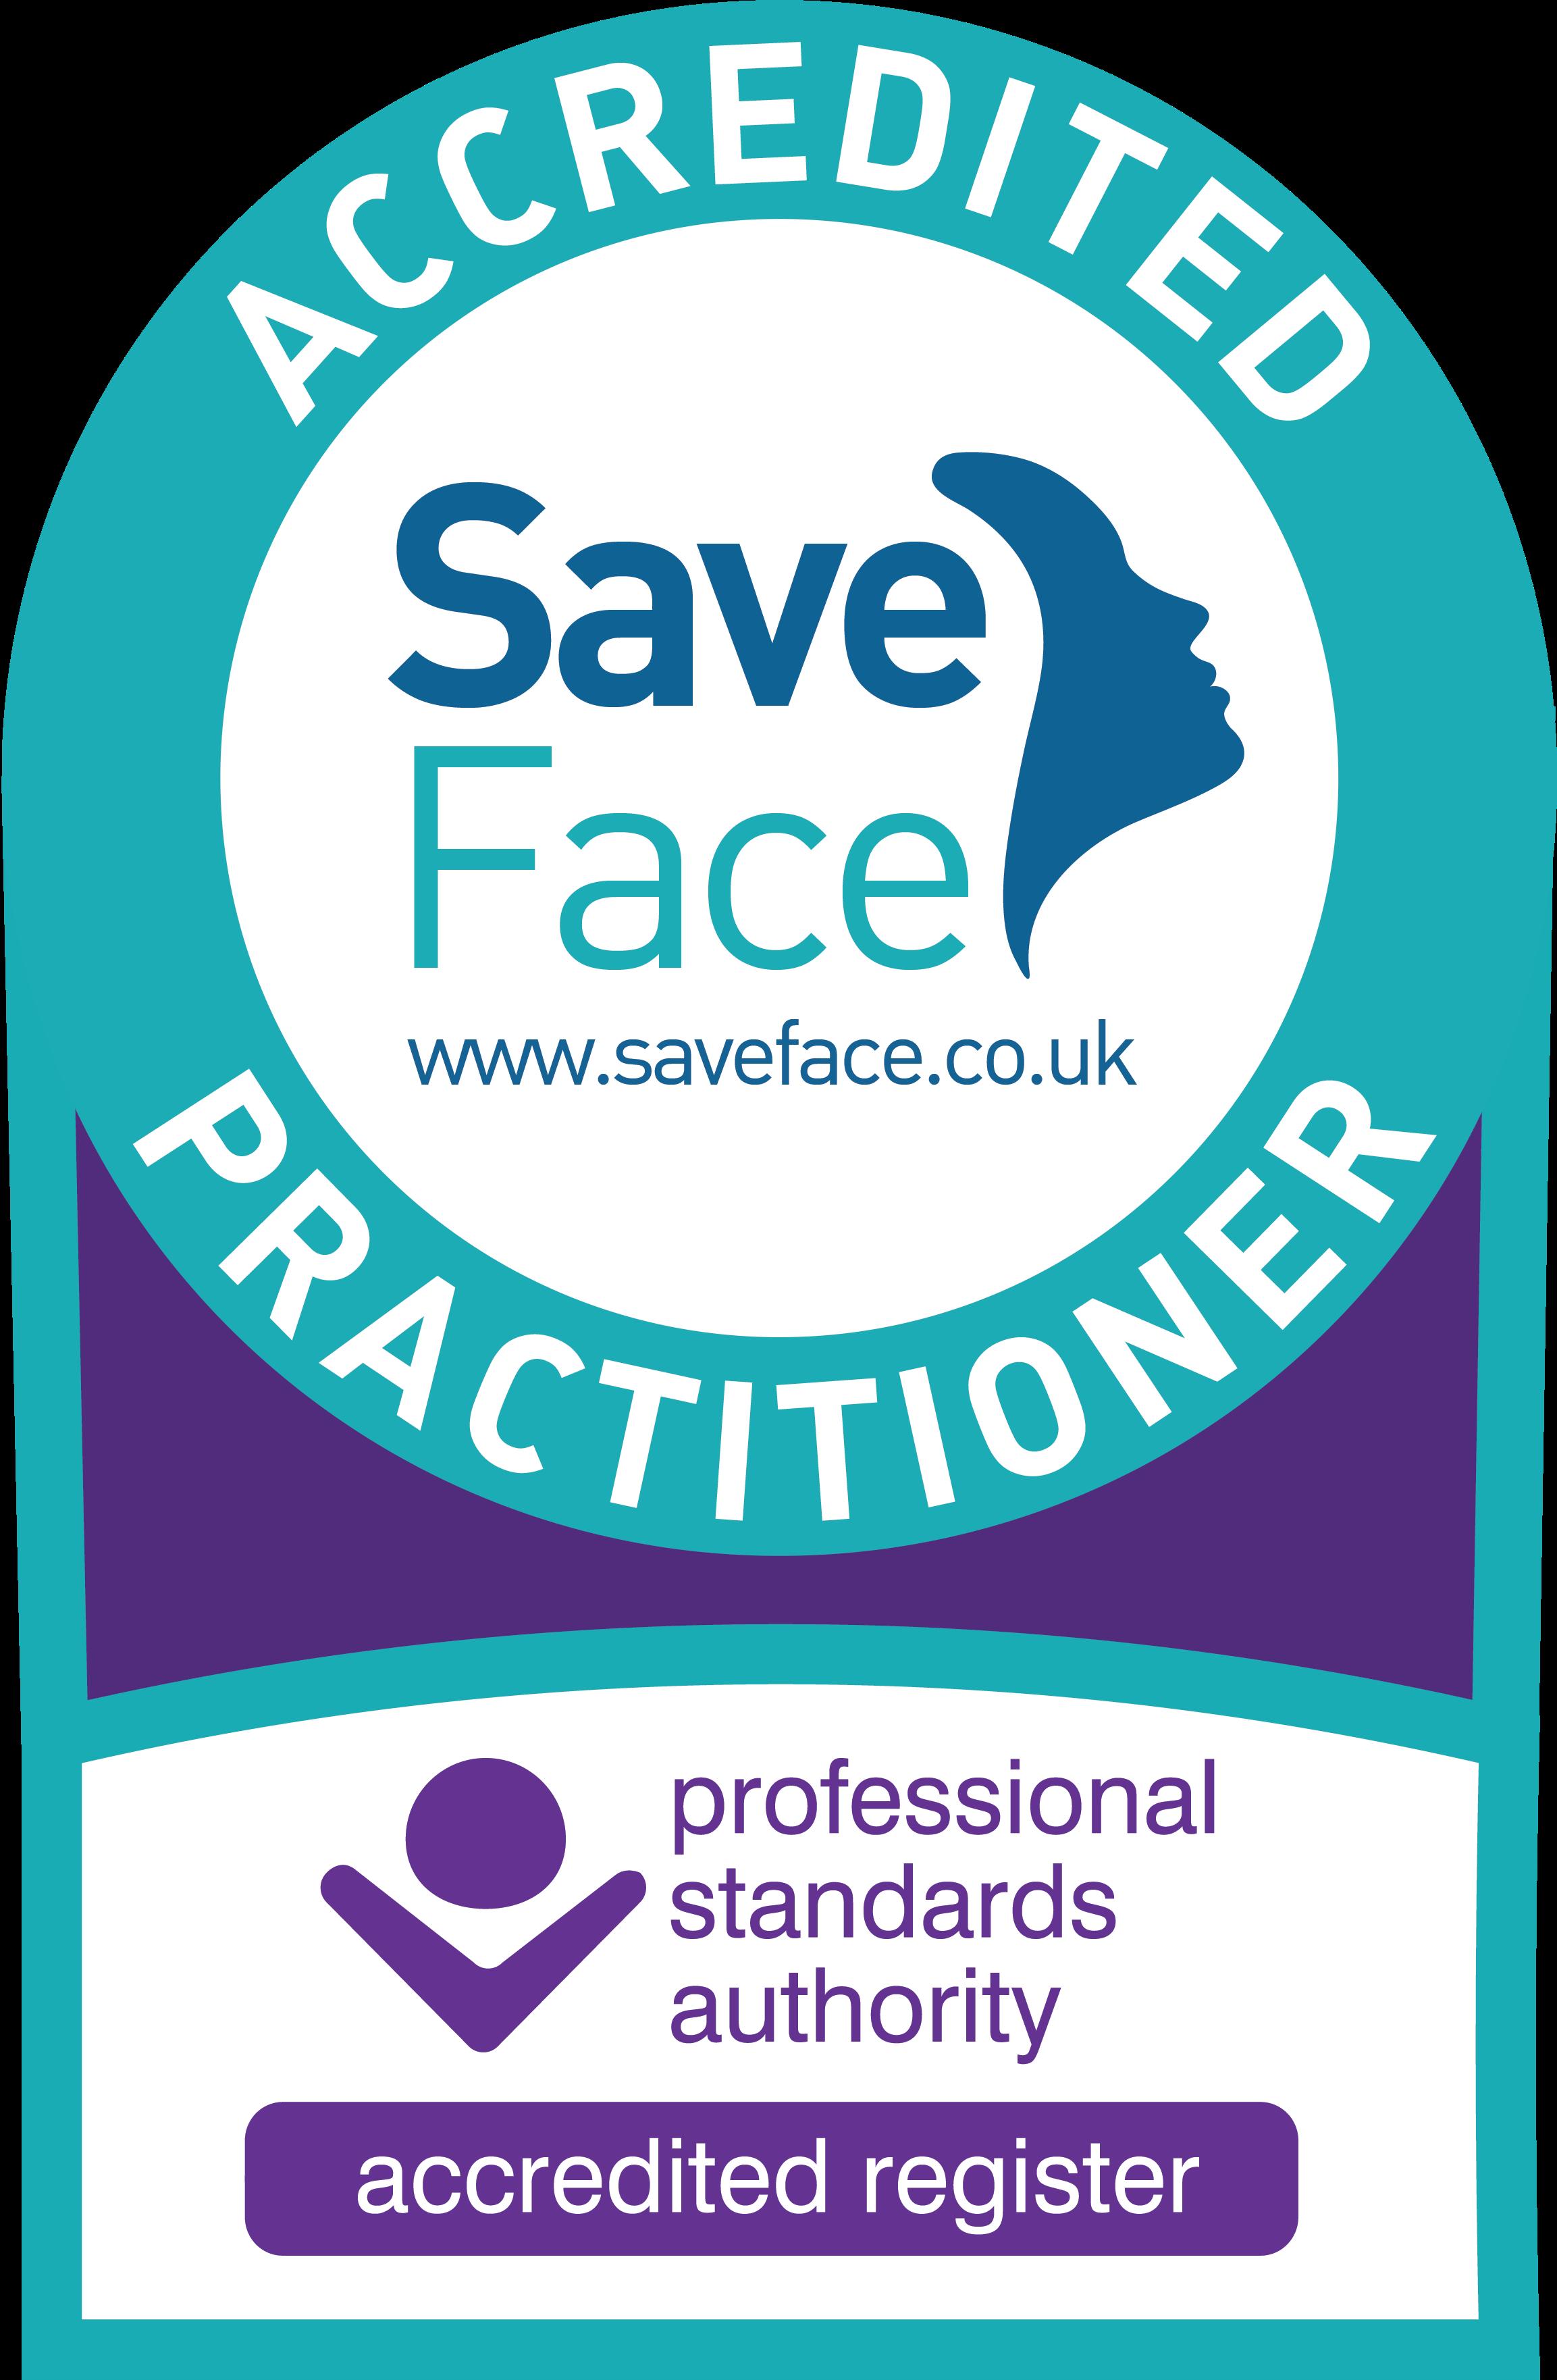 SaveFaceLogoOct16.png